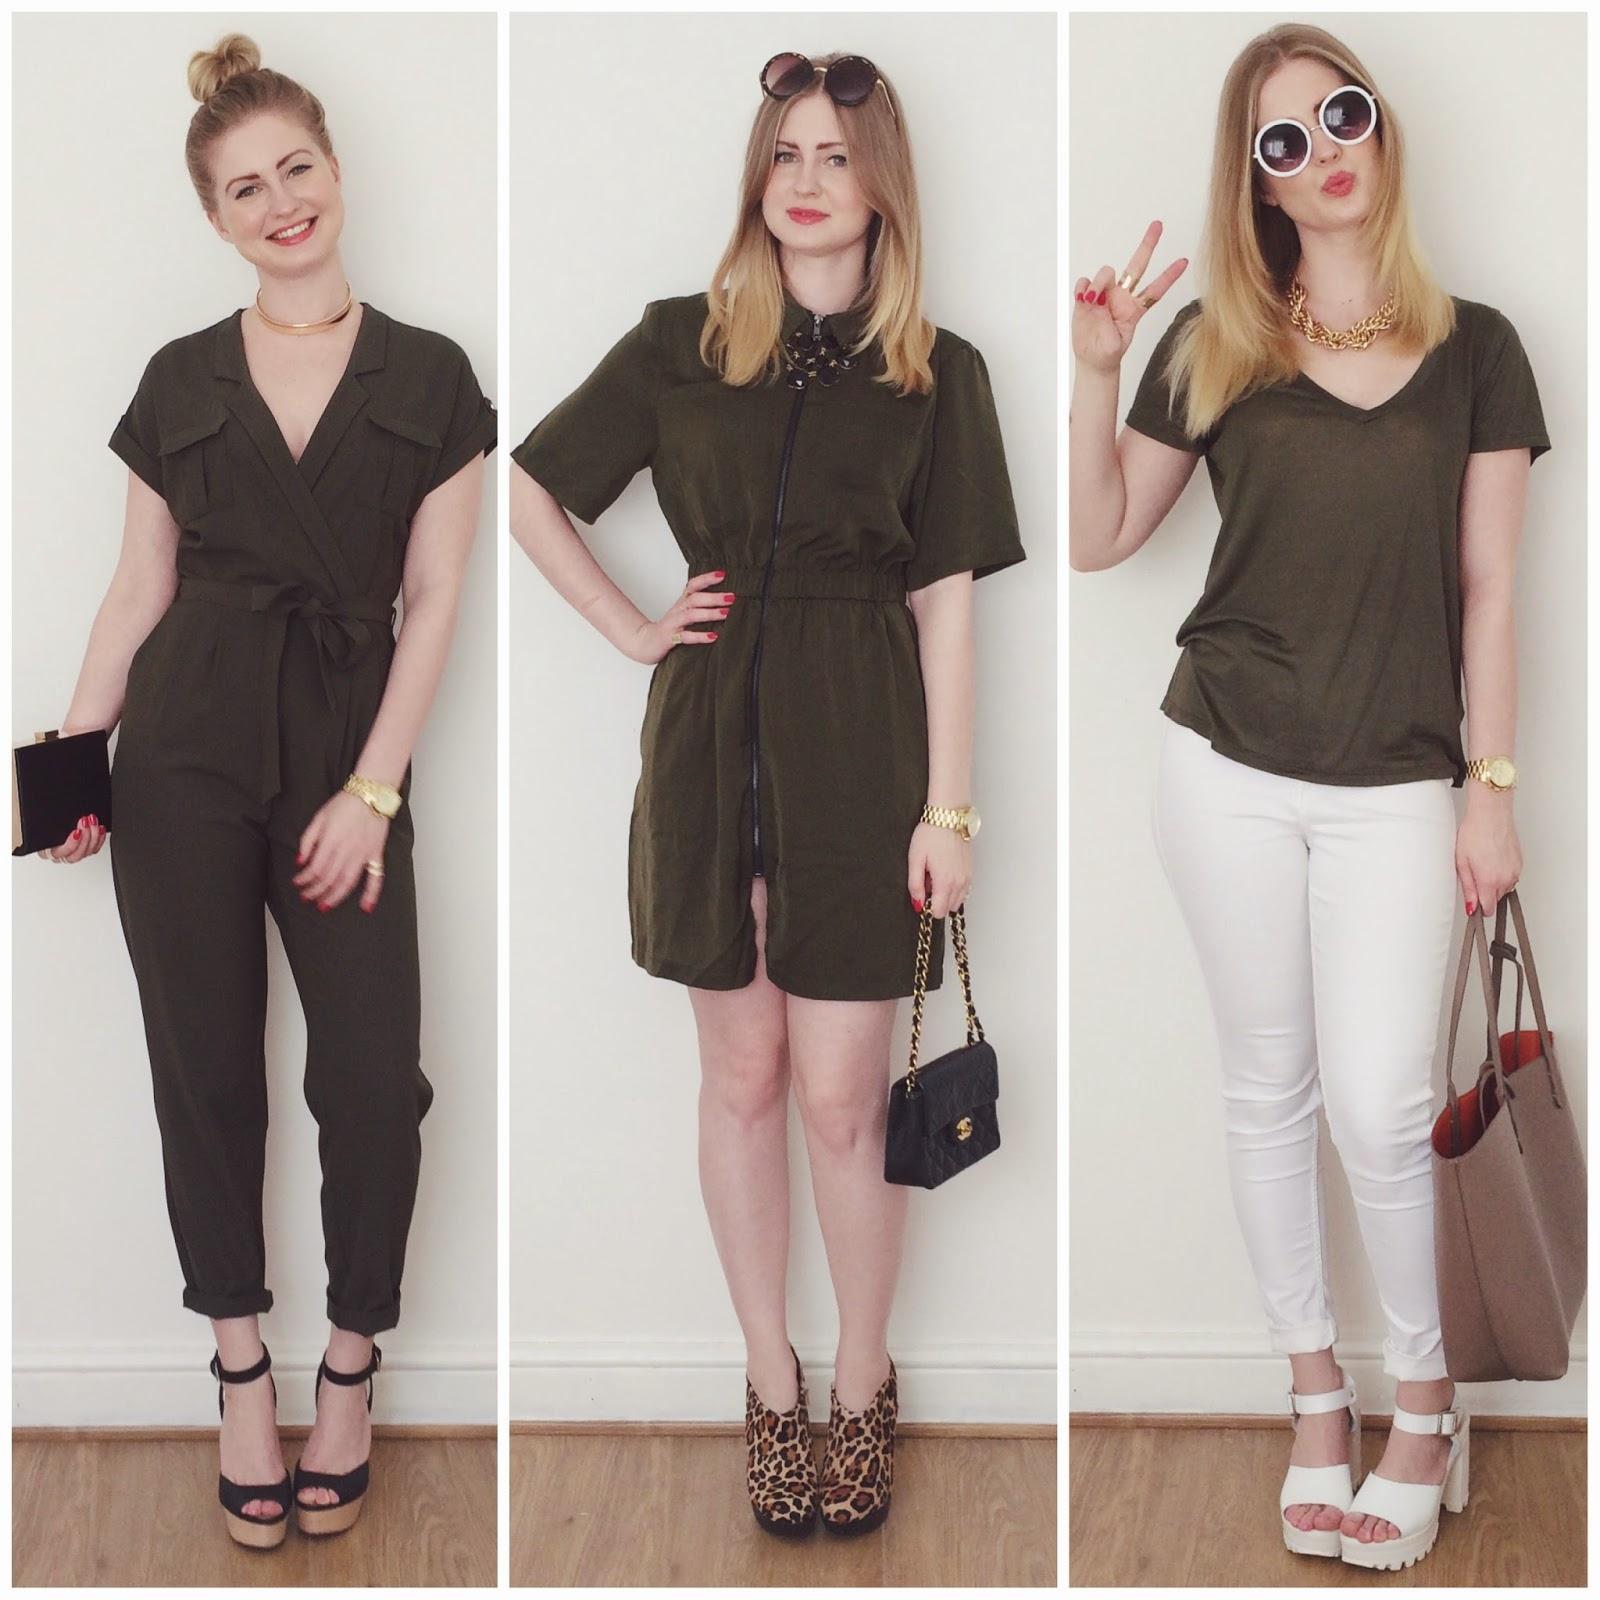 FashionFake, UK fashion and lifestyle blog, khaki style edit, khaki lookbook